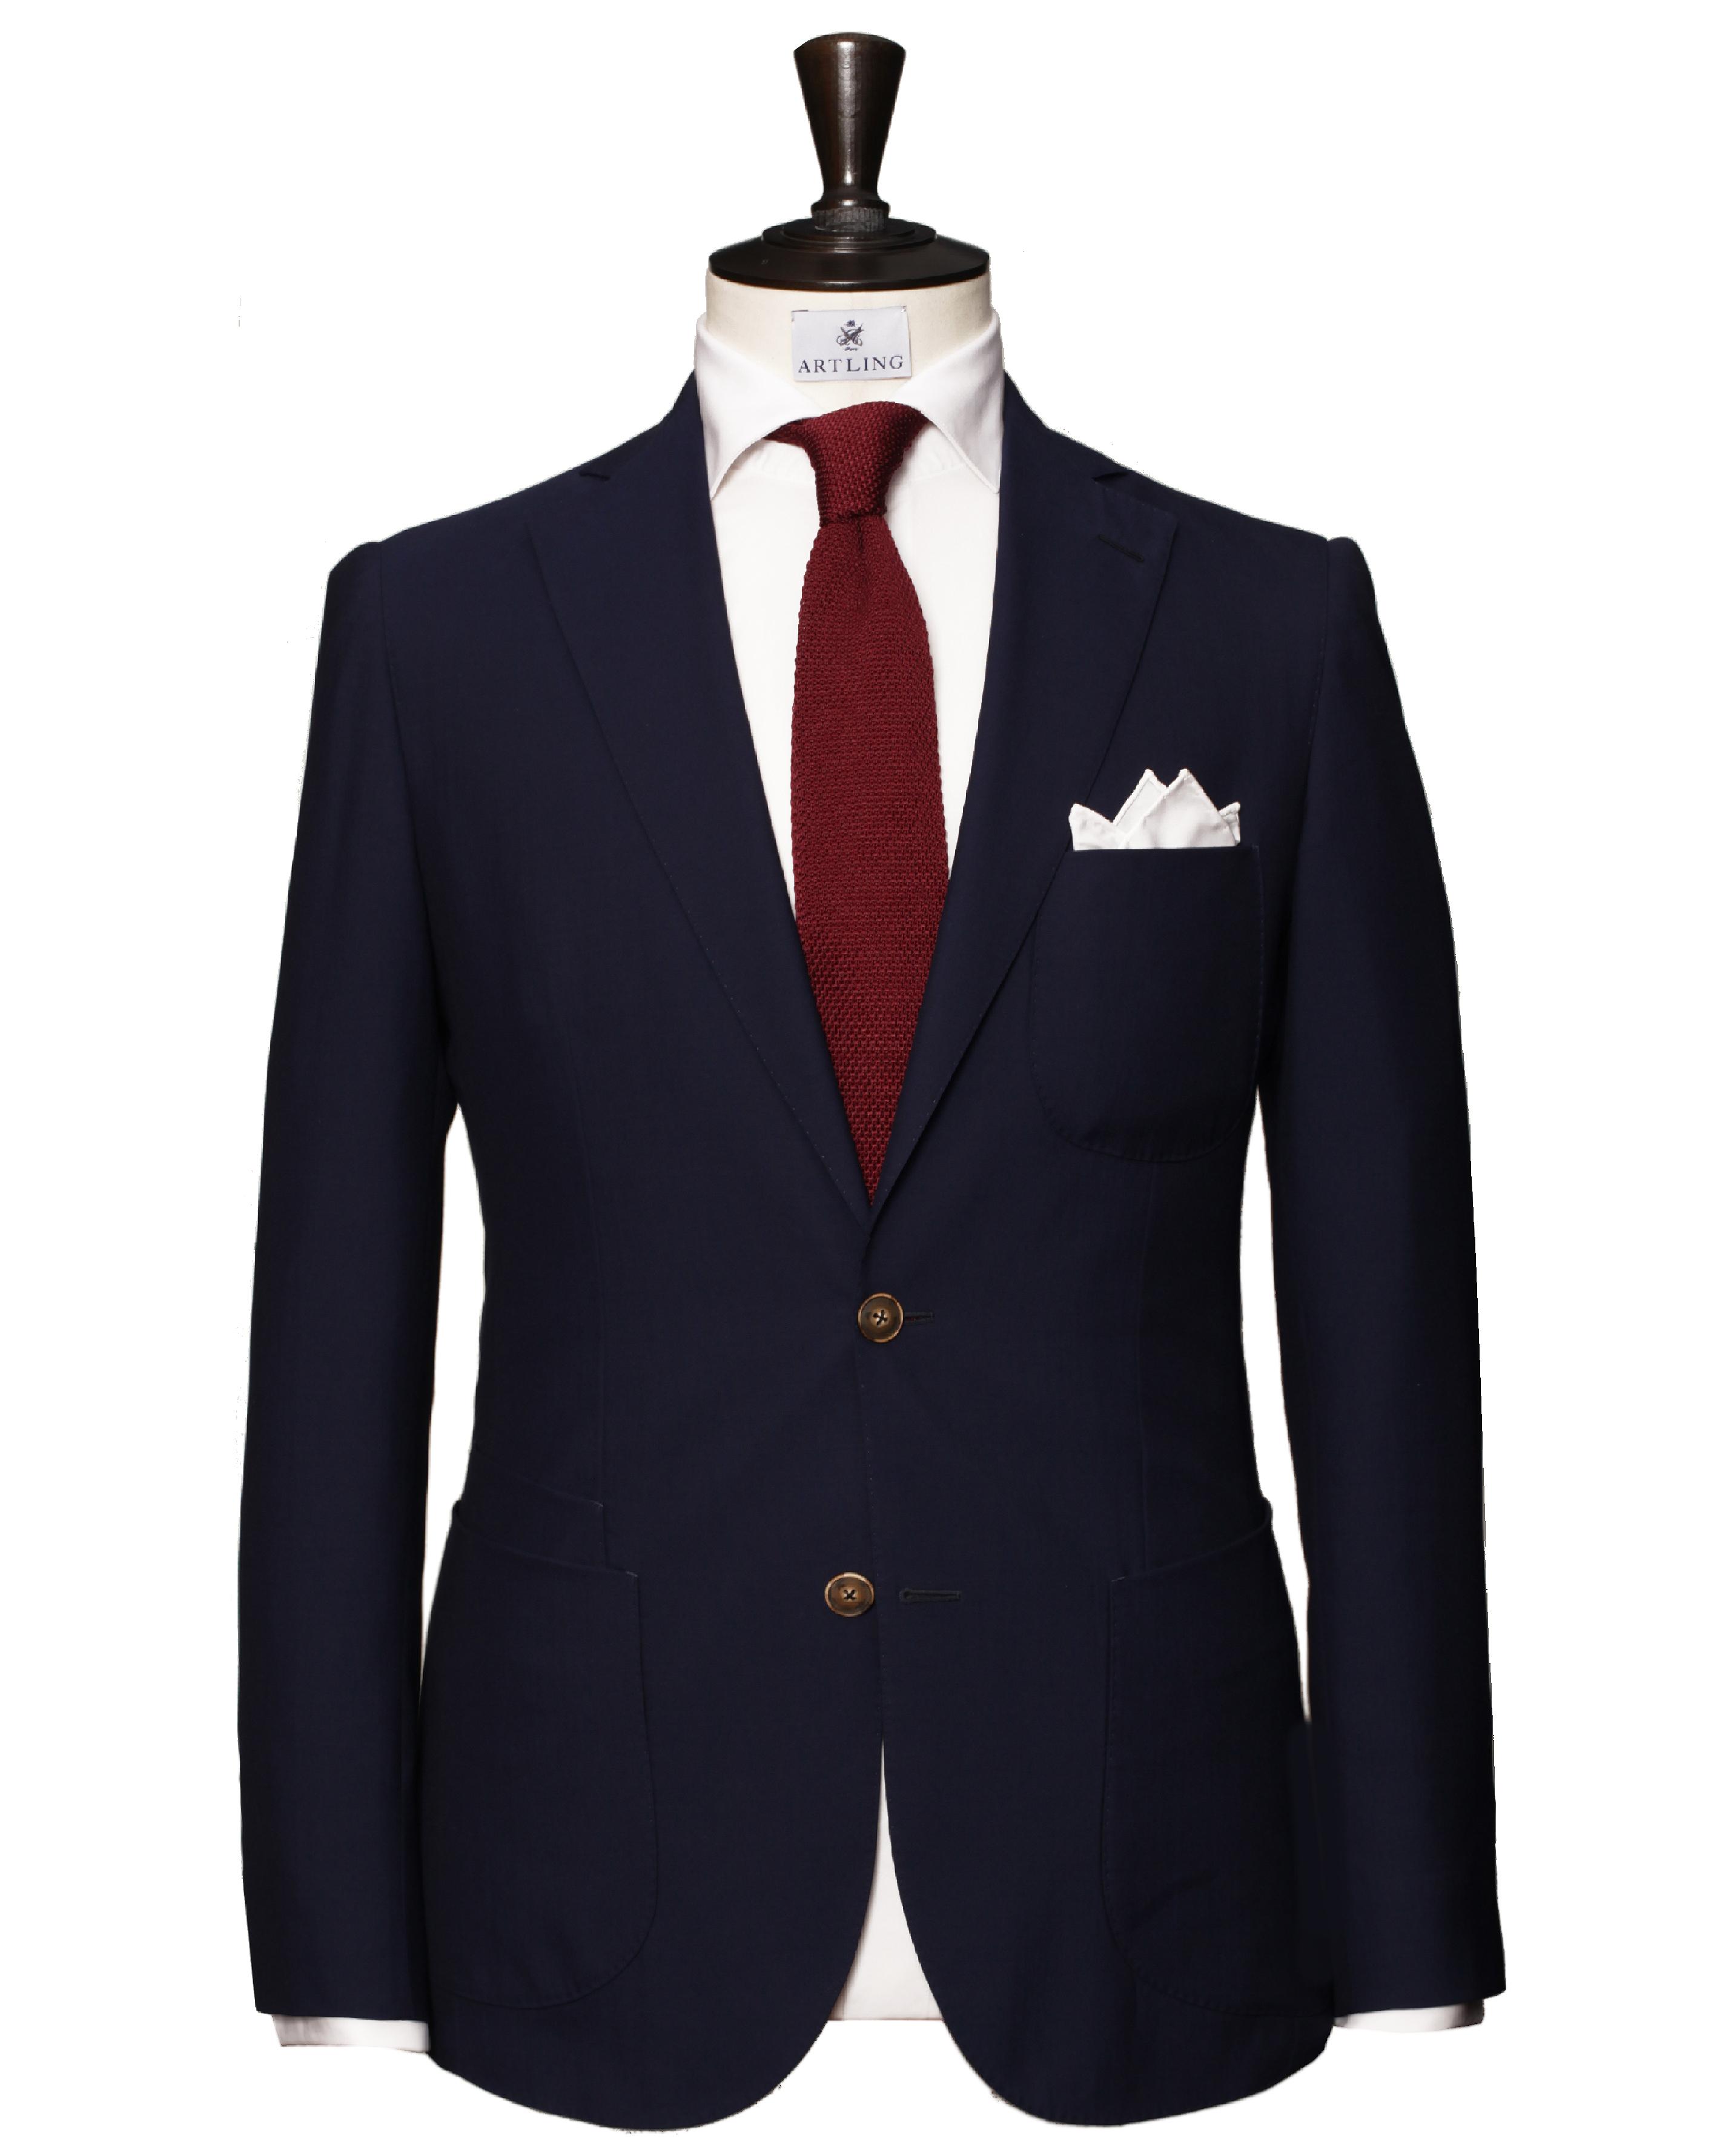 Costume homme prix - Idée de Costume et vêtement 64d7c6d899a